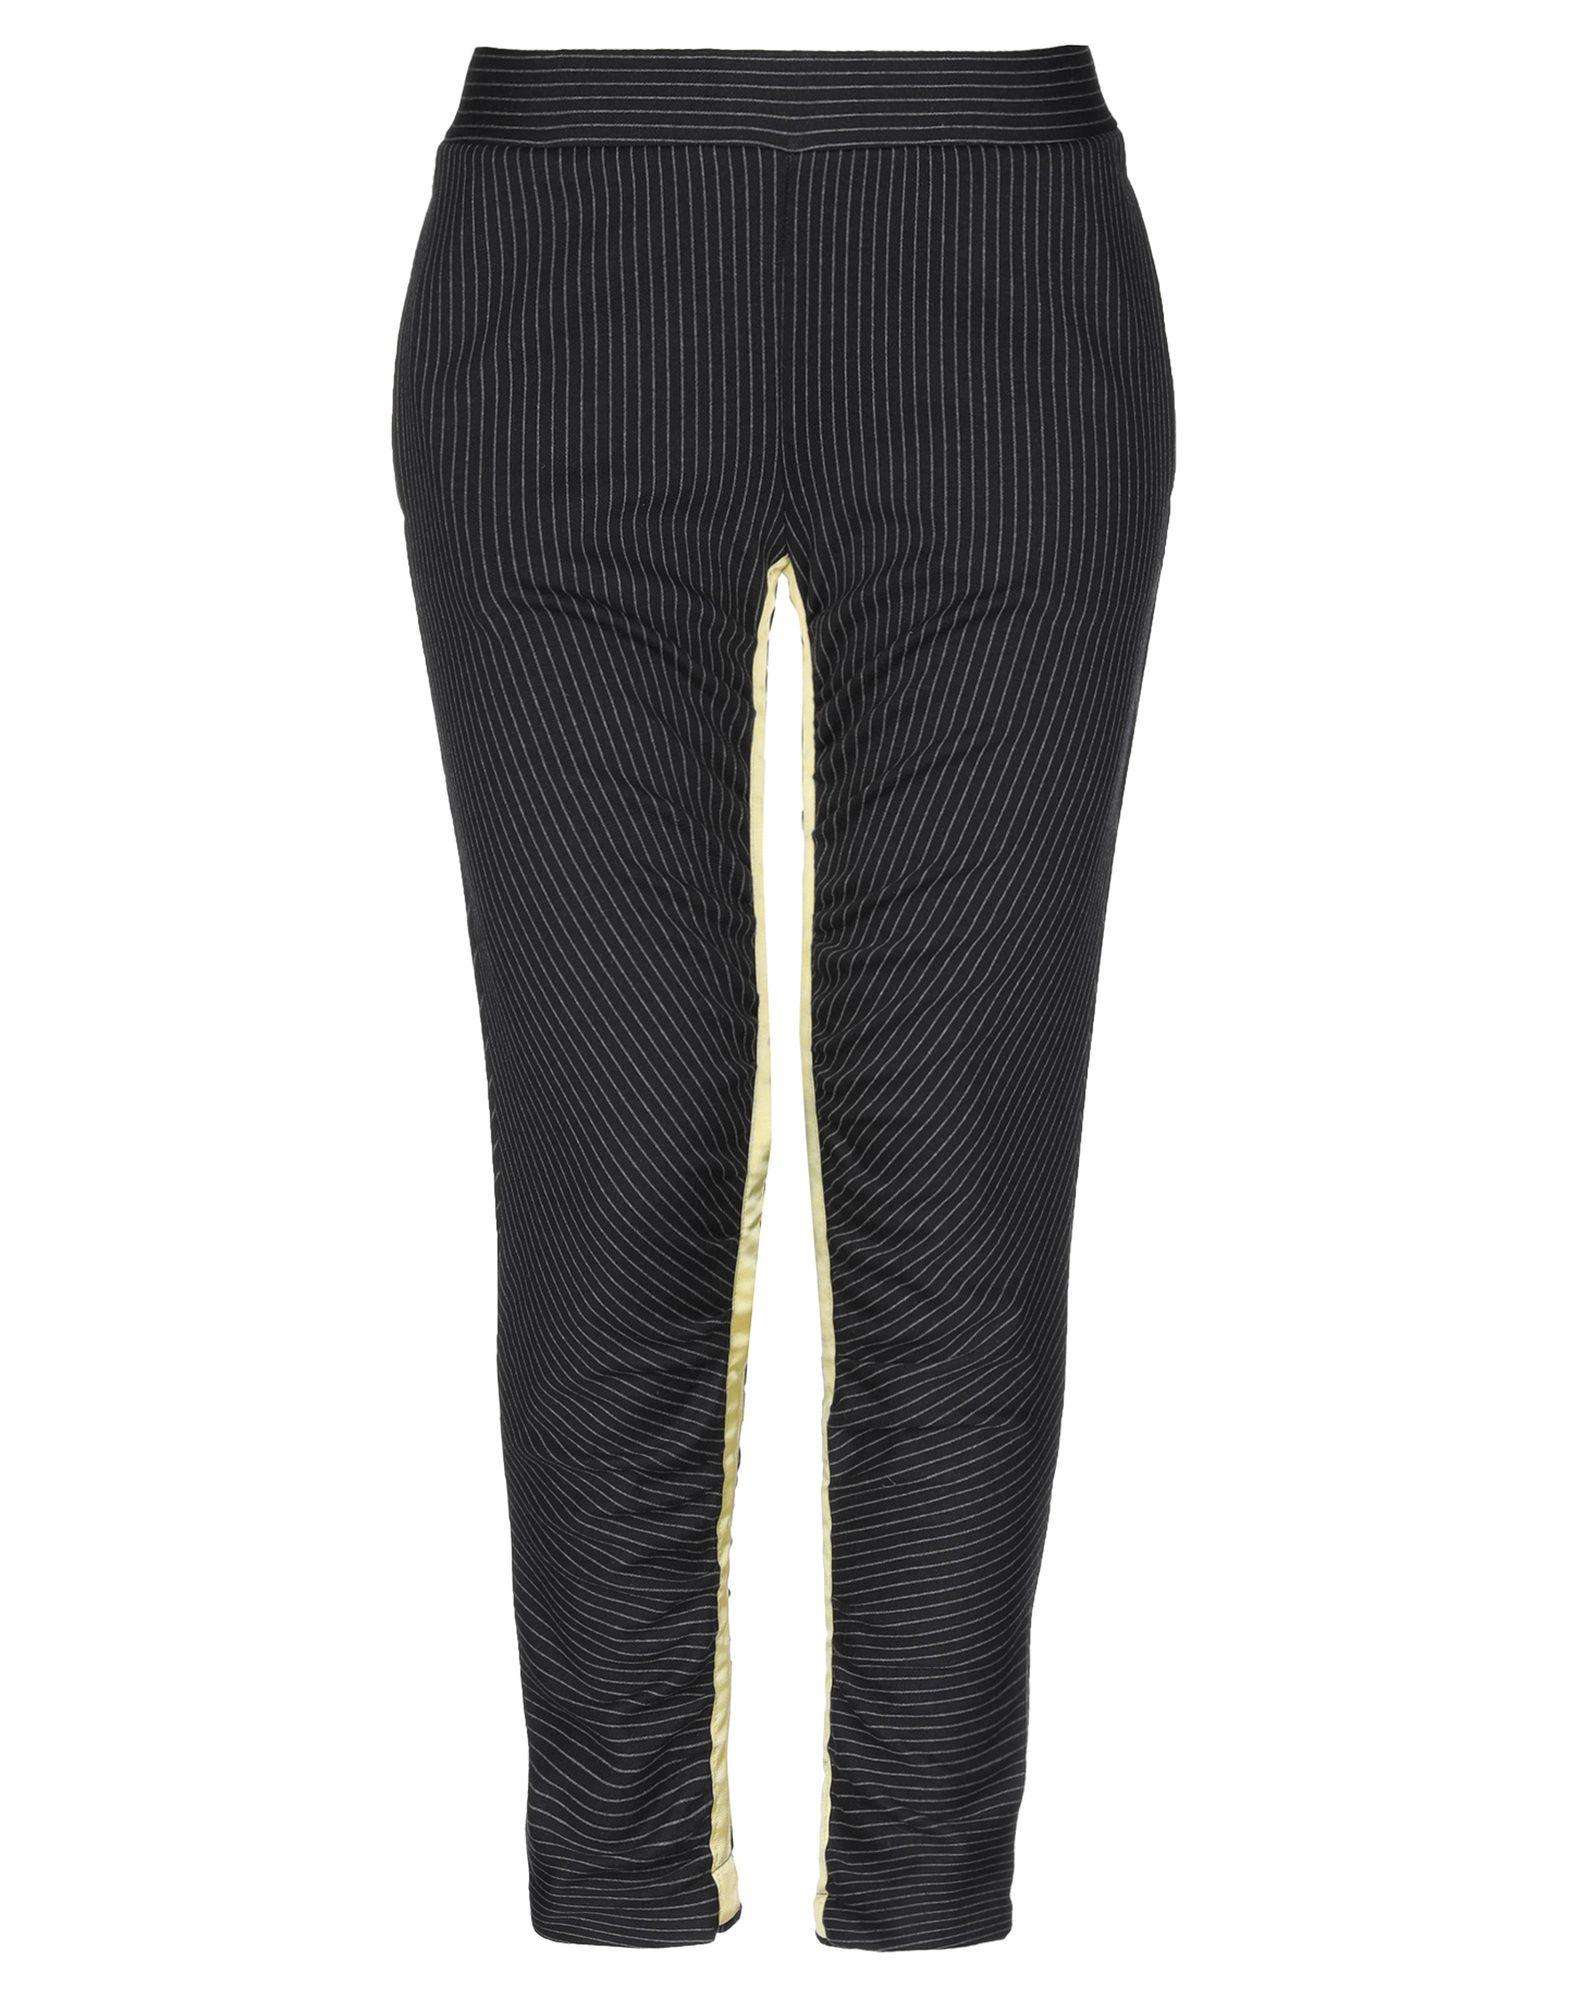 MARIA DI SOLE Повседневные брюки фото